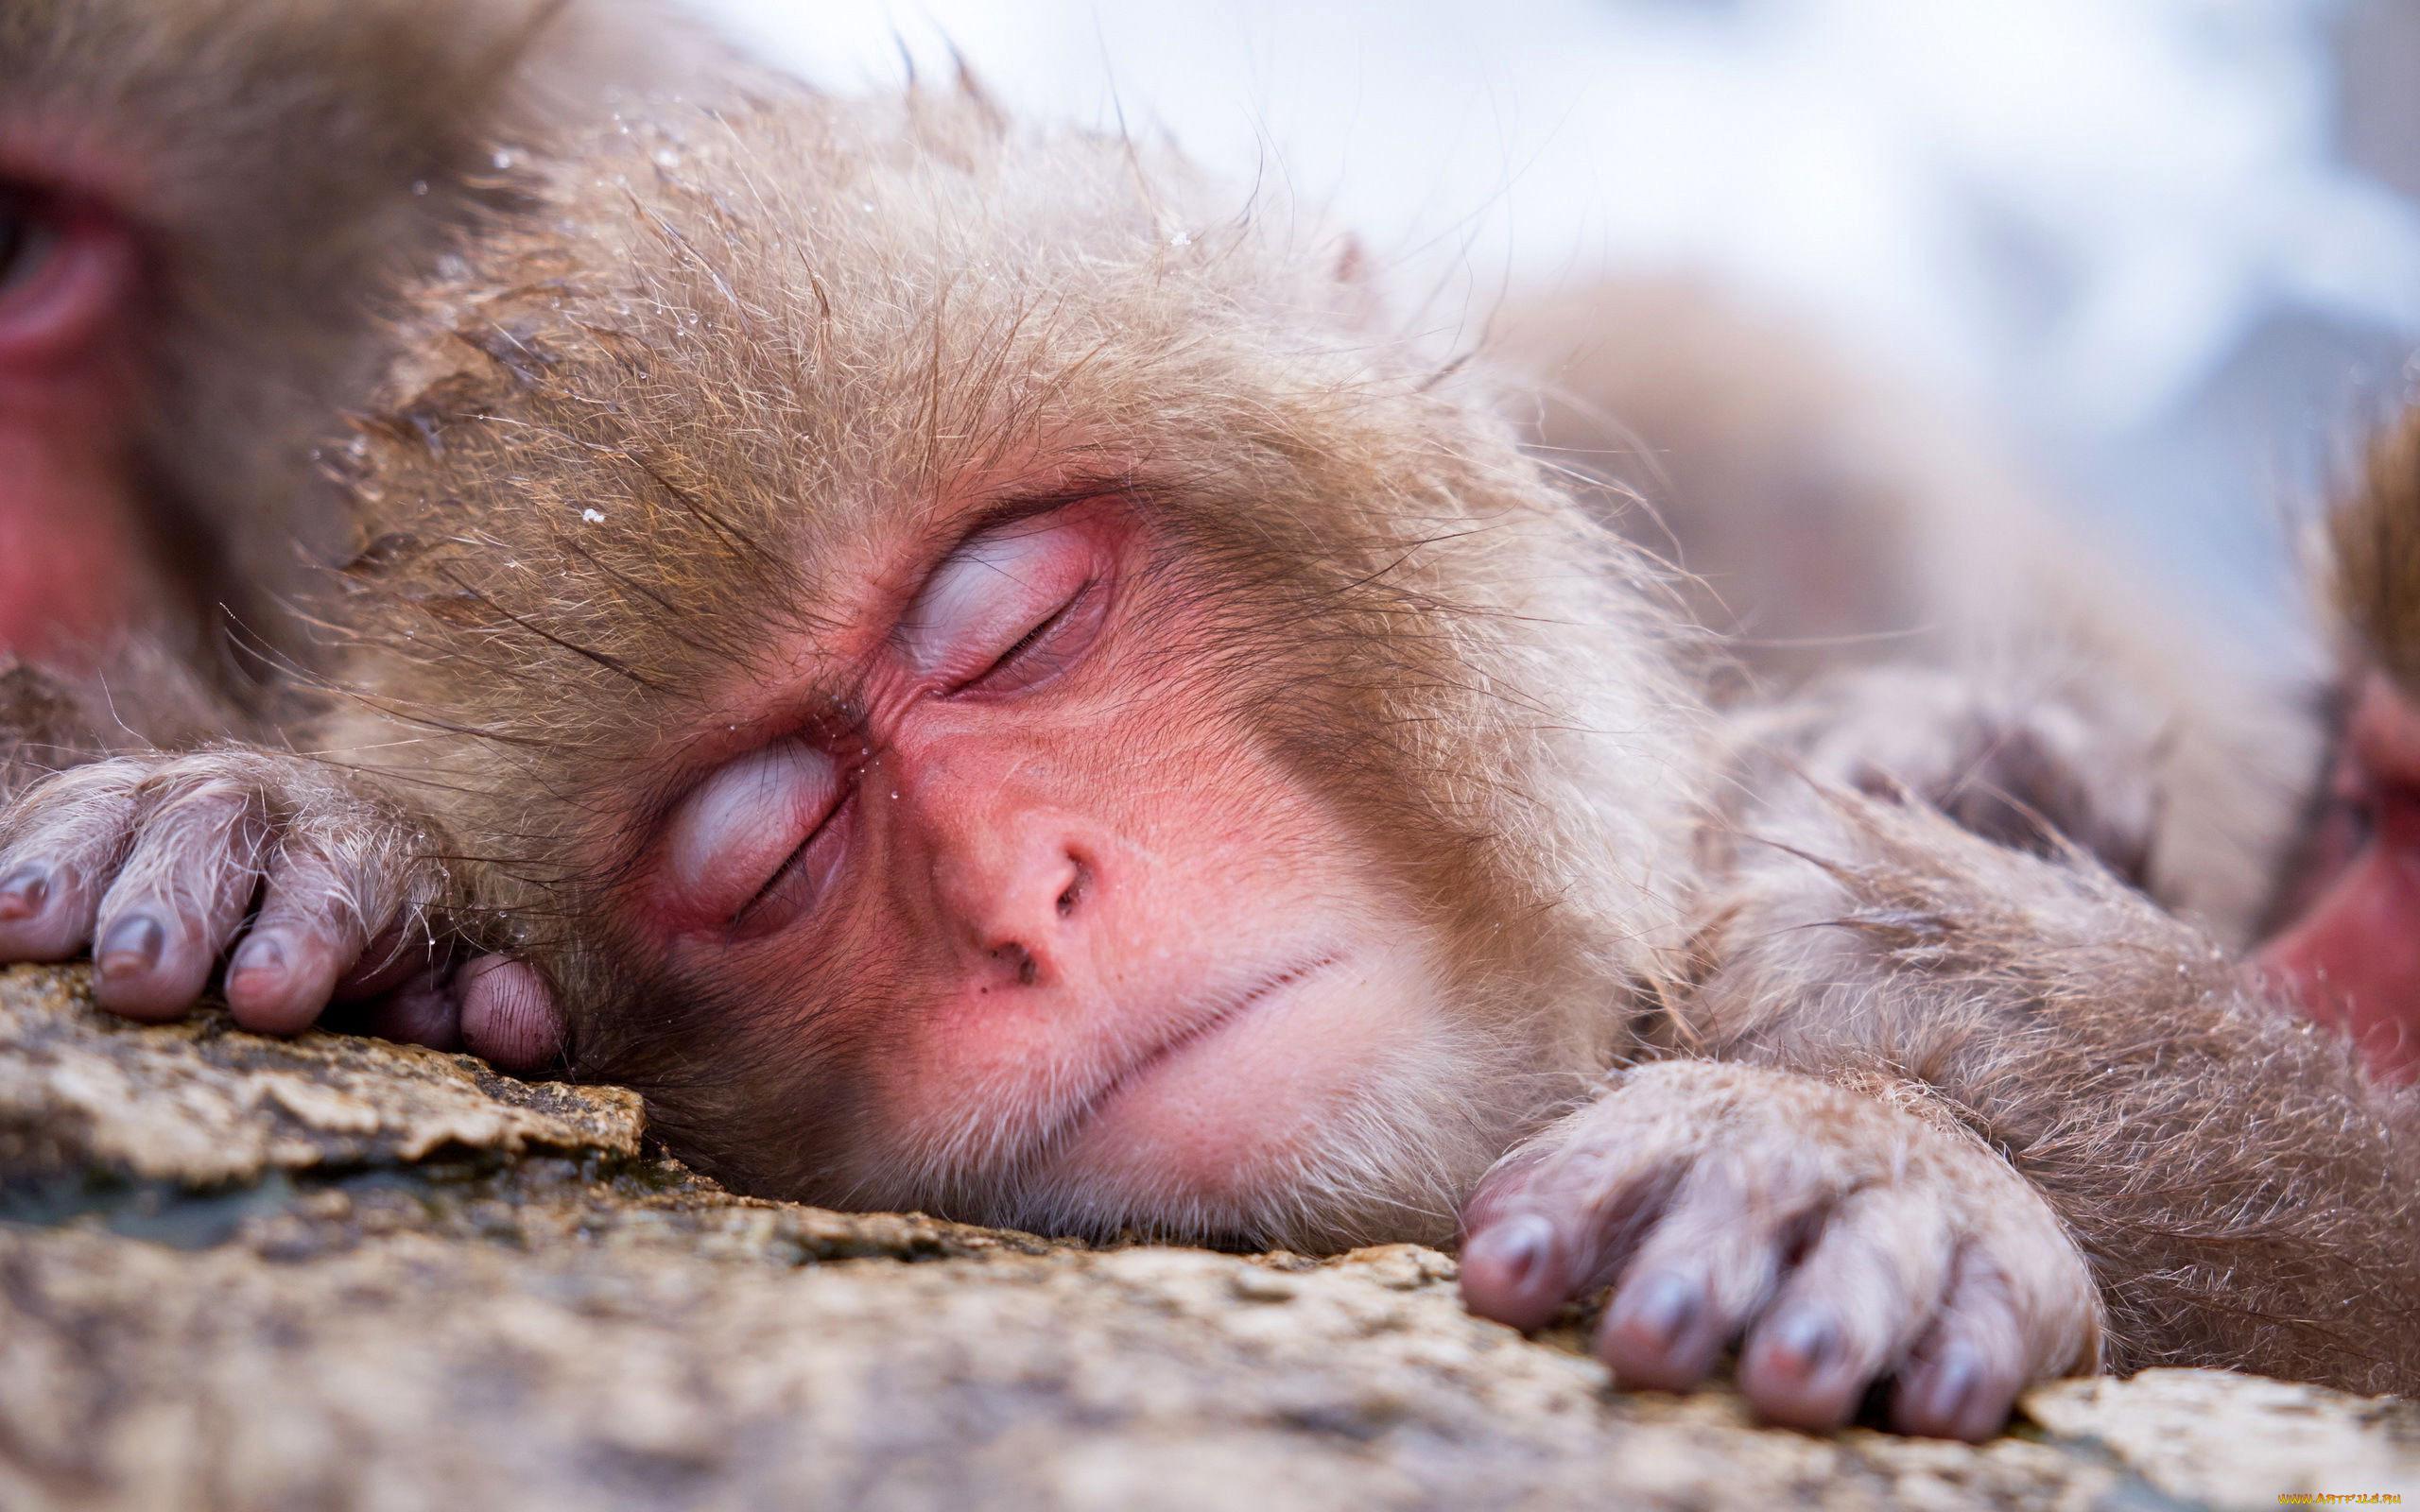 фото как спят животные вам подборку